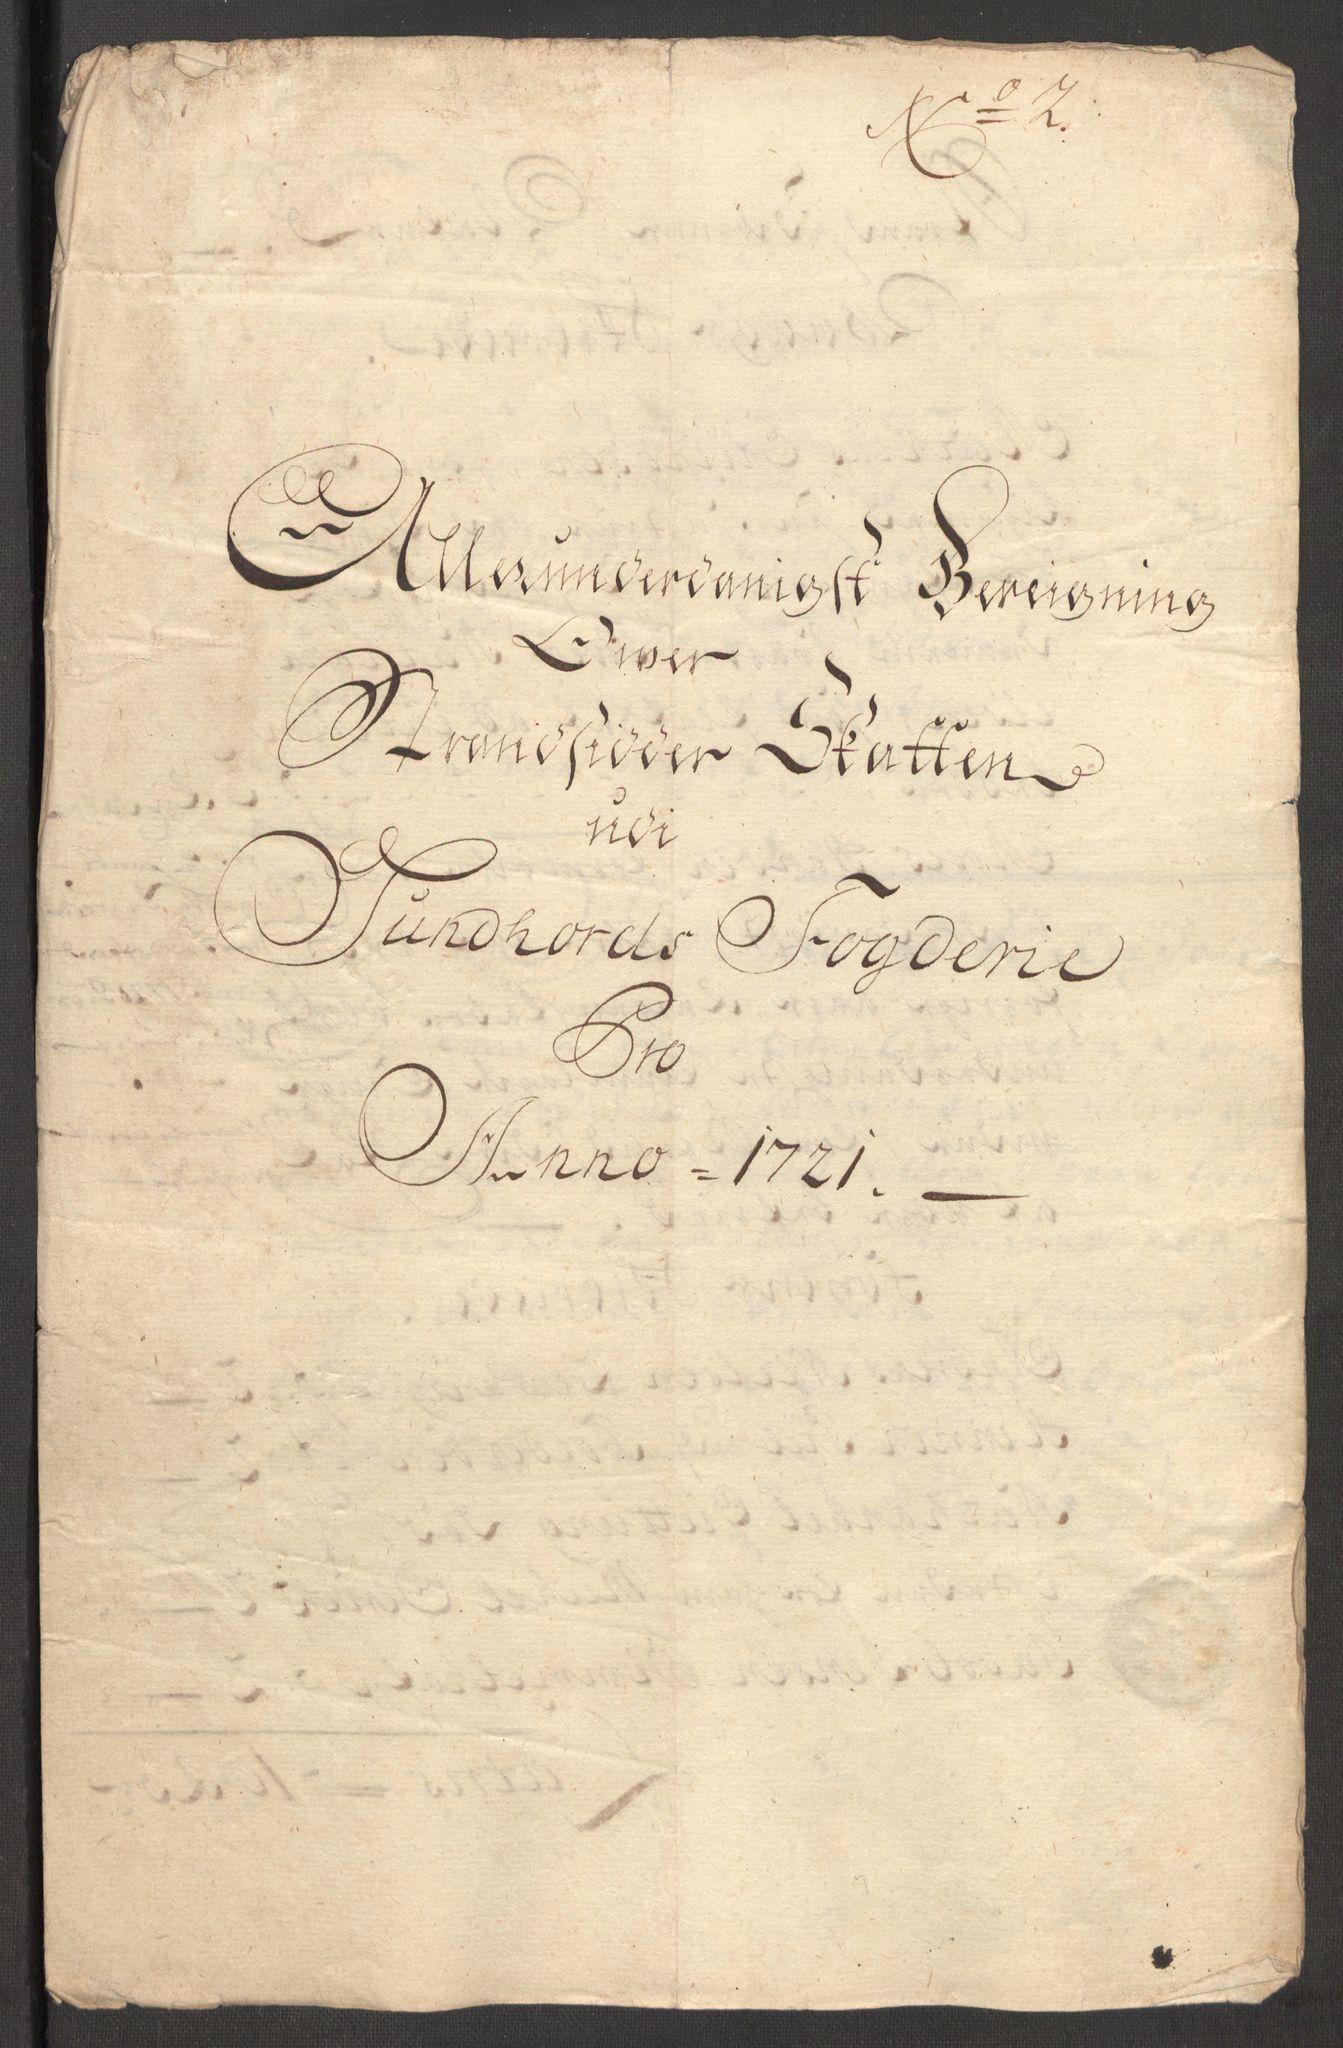 RA, Rentekammeret inntil 1814, Reviderte regnskaper, Fogderegnskap, R48/L3000: Fogderegnskap Sunnhordland og Hardanger, 1721, s. 73